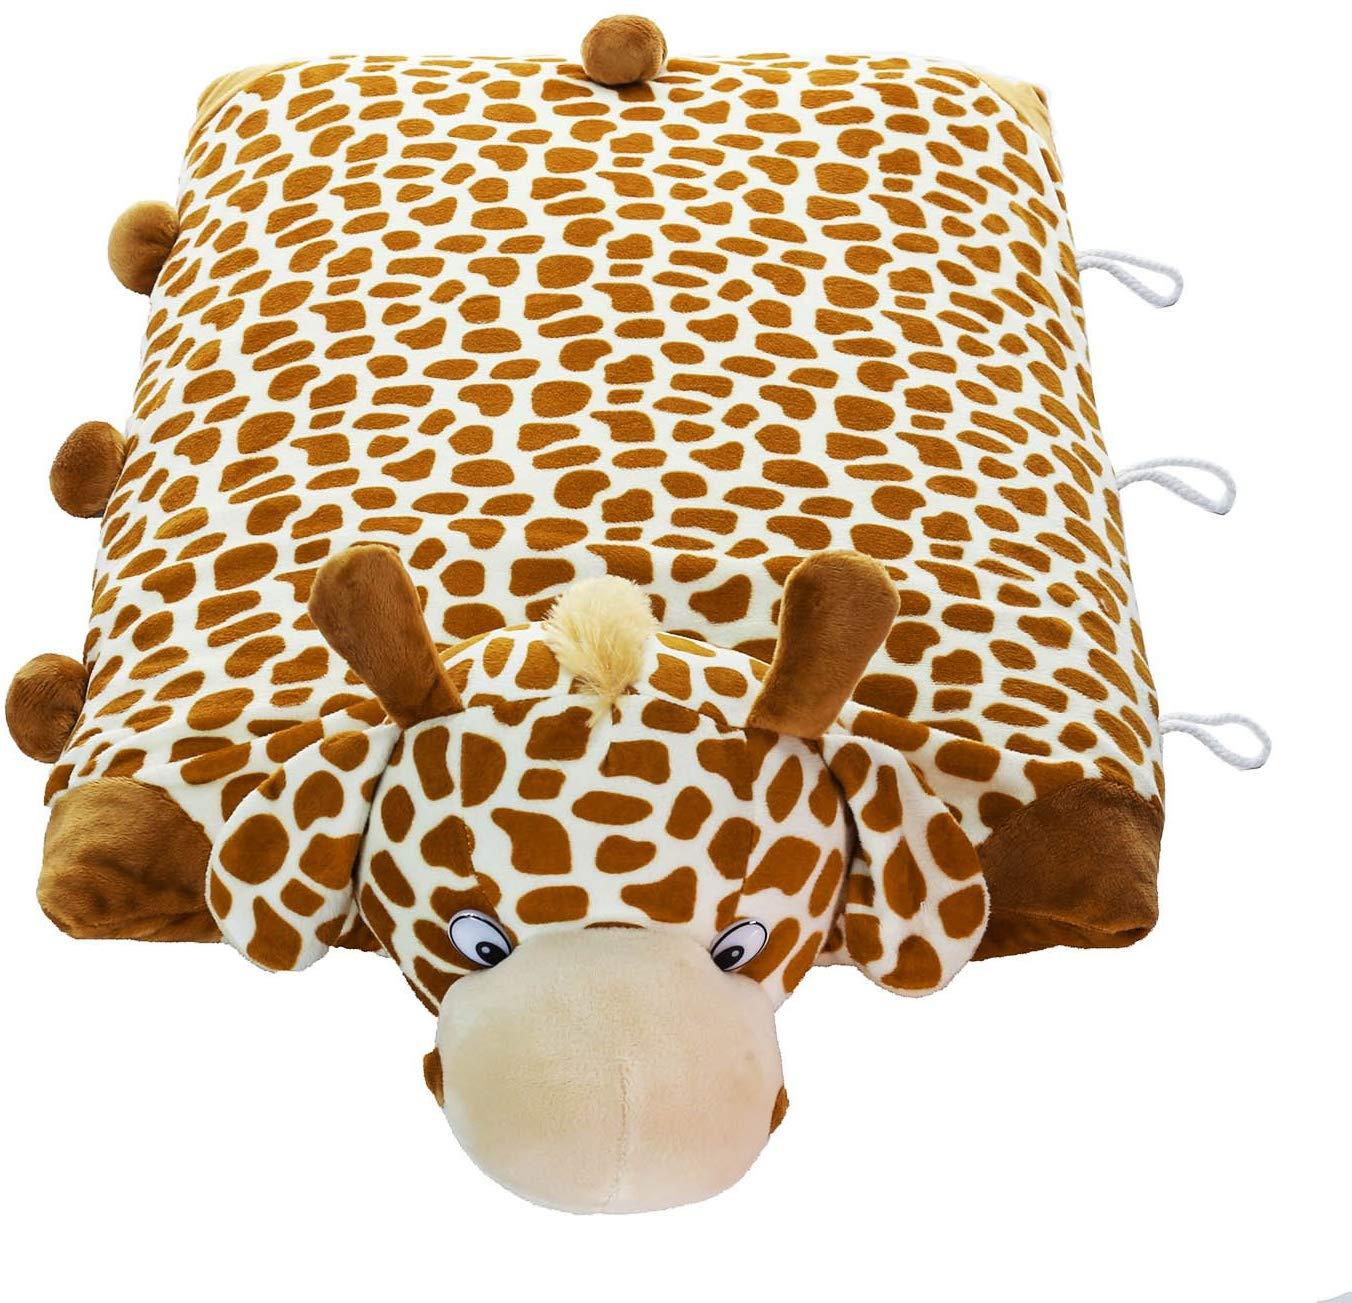 Pillow Pet Giraffe 100% Natural Latex Pillow